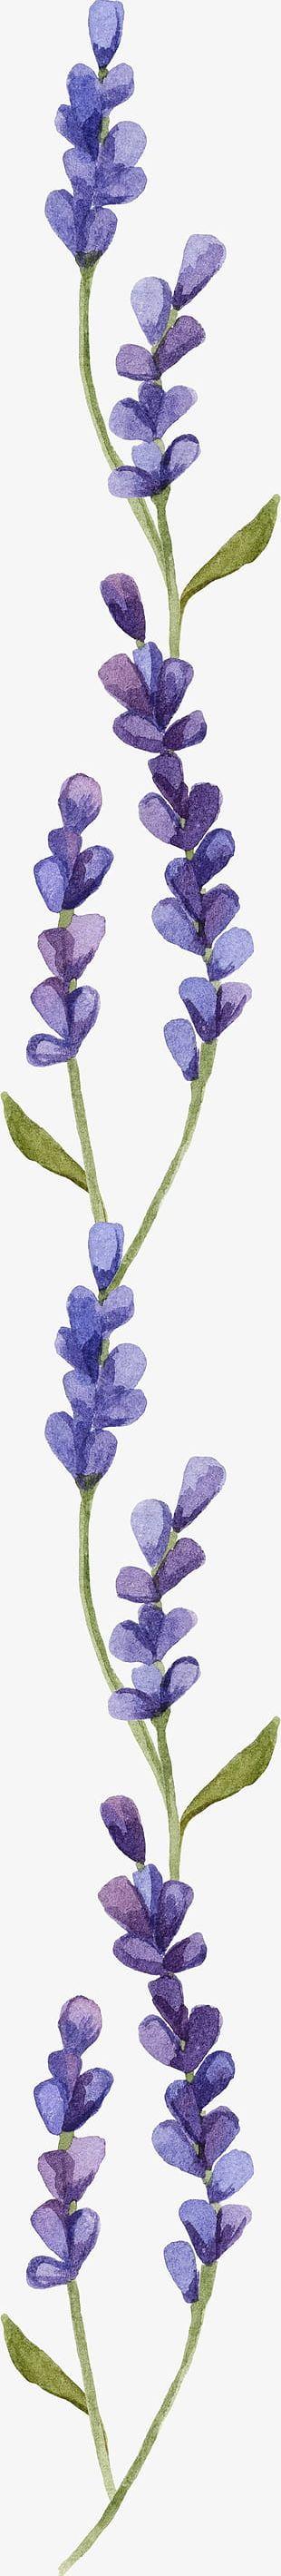 Lavender PNG